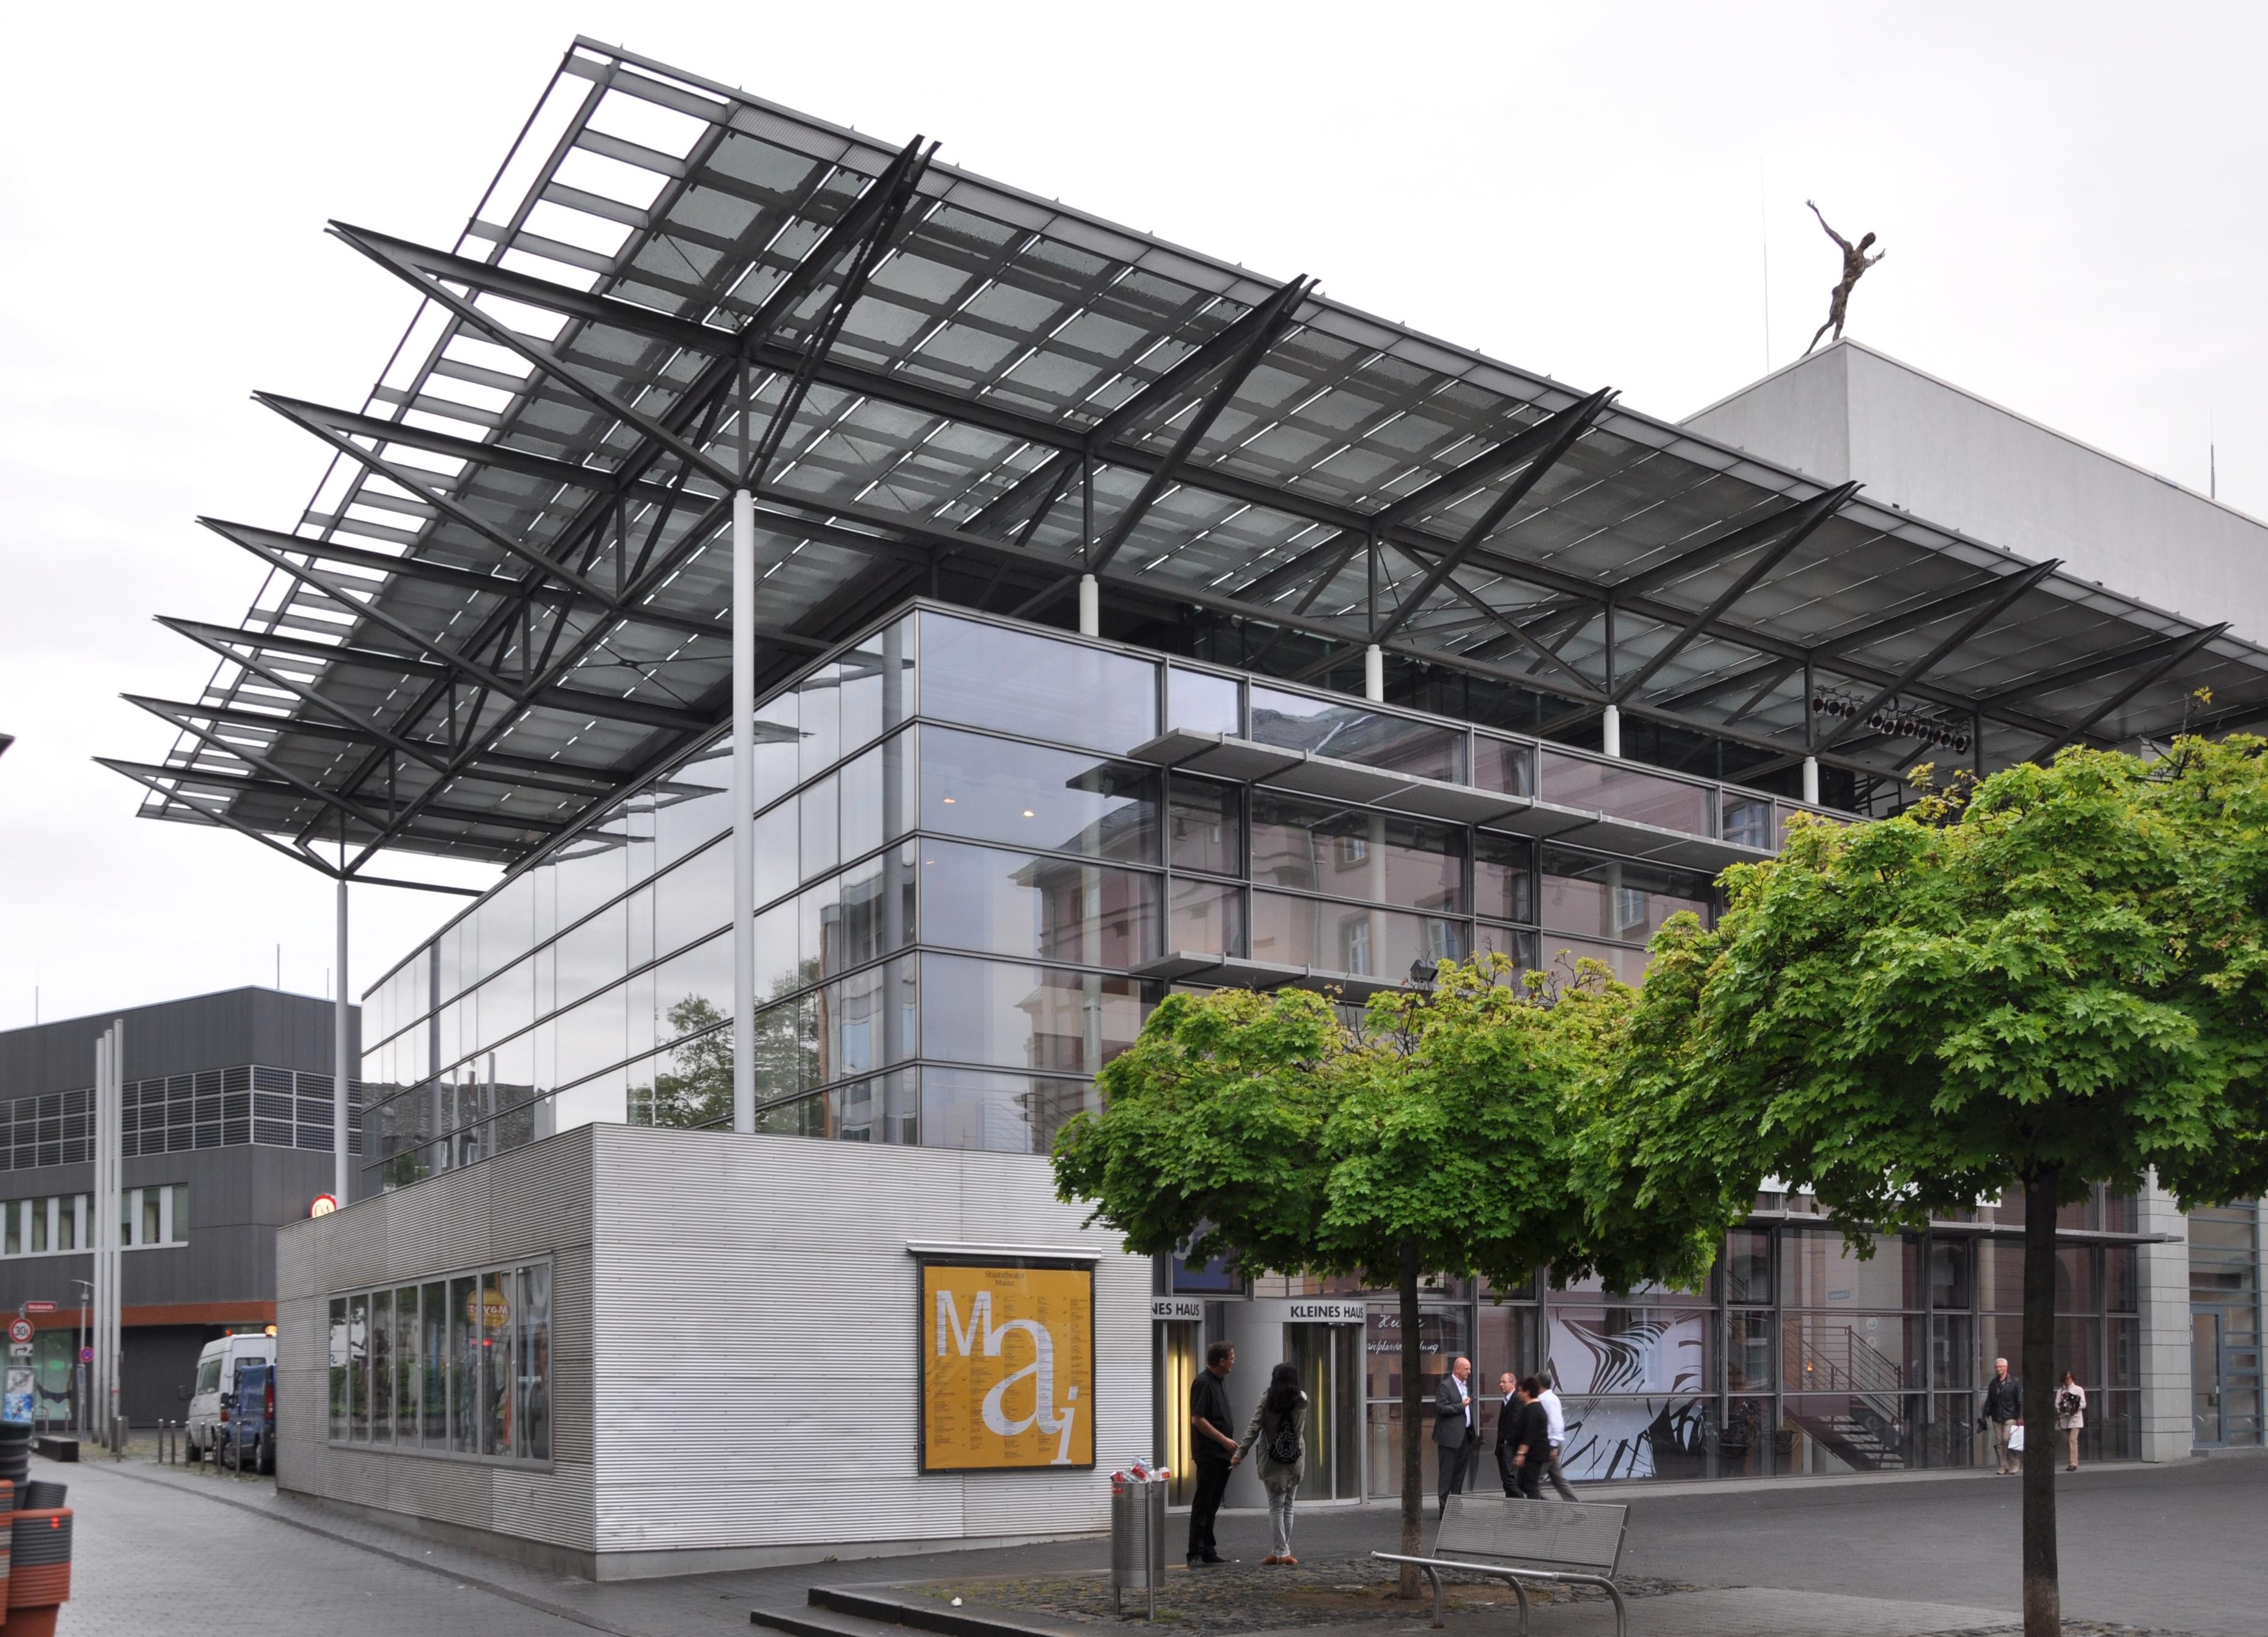 File:Mainz Staatstheater Kleines Haus.jpg - Wikimedia Commons